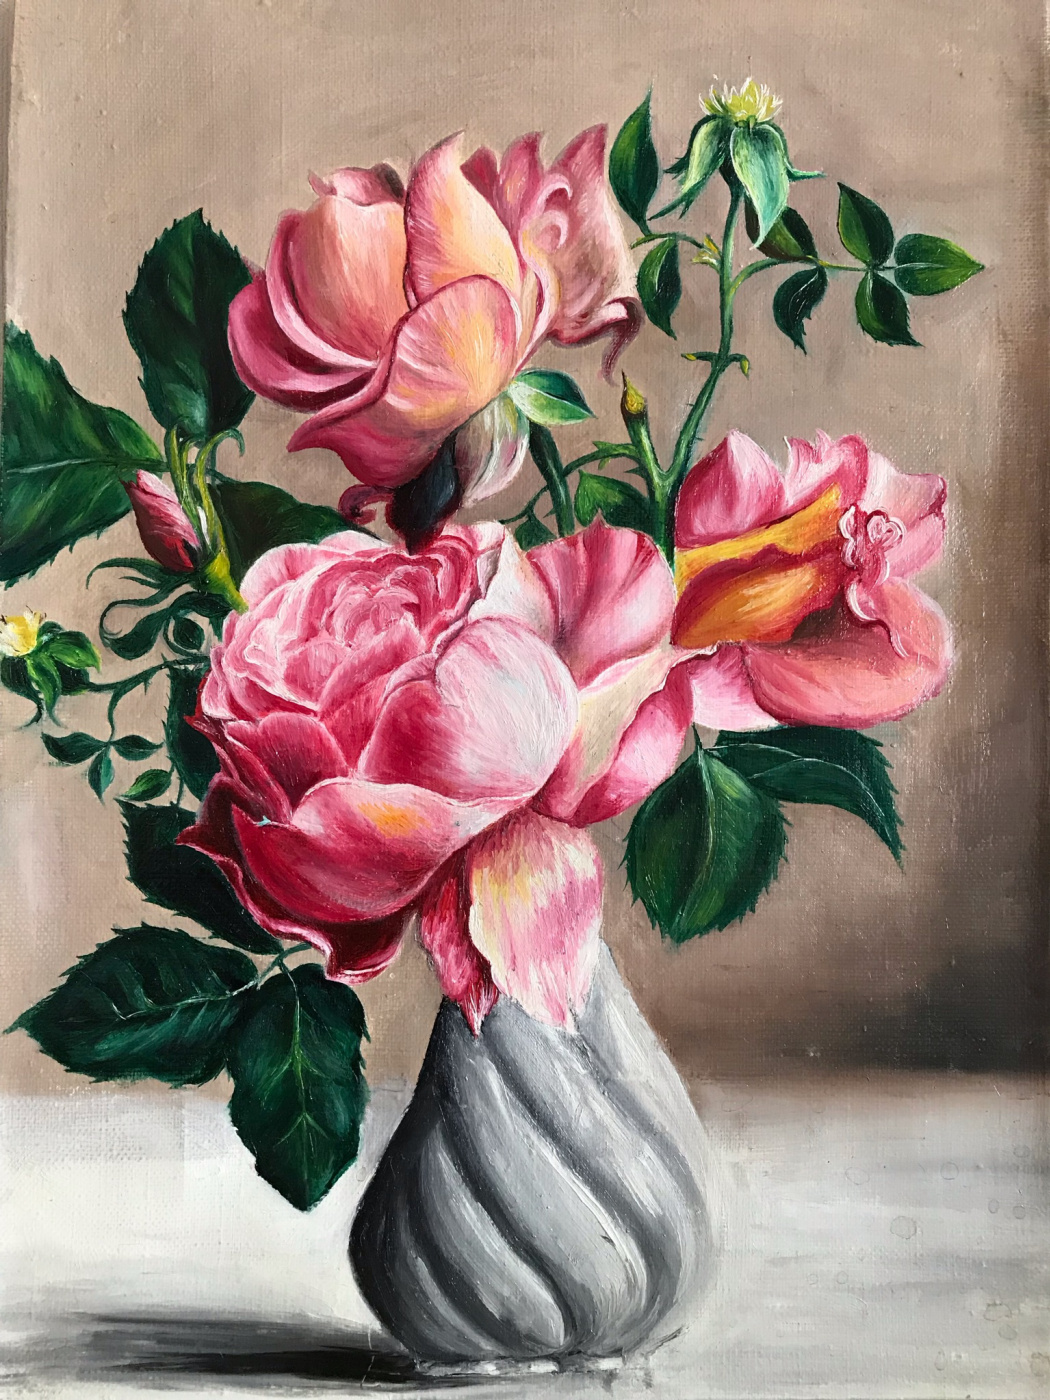 Elena Gorshkova. Flowers in a vase